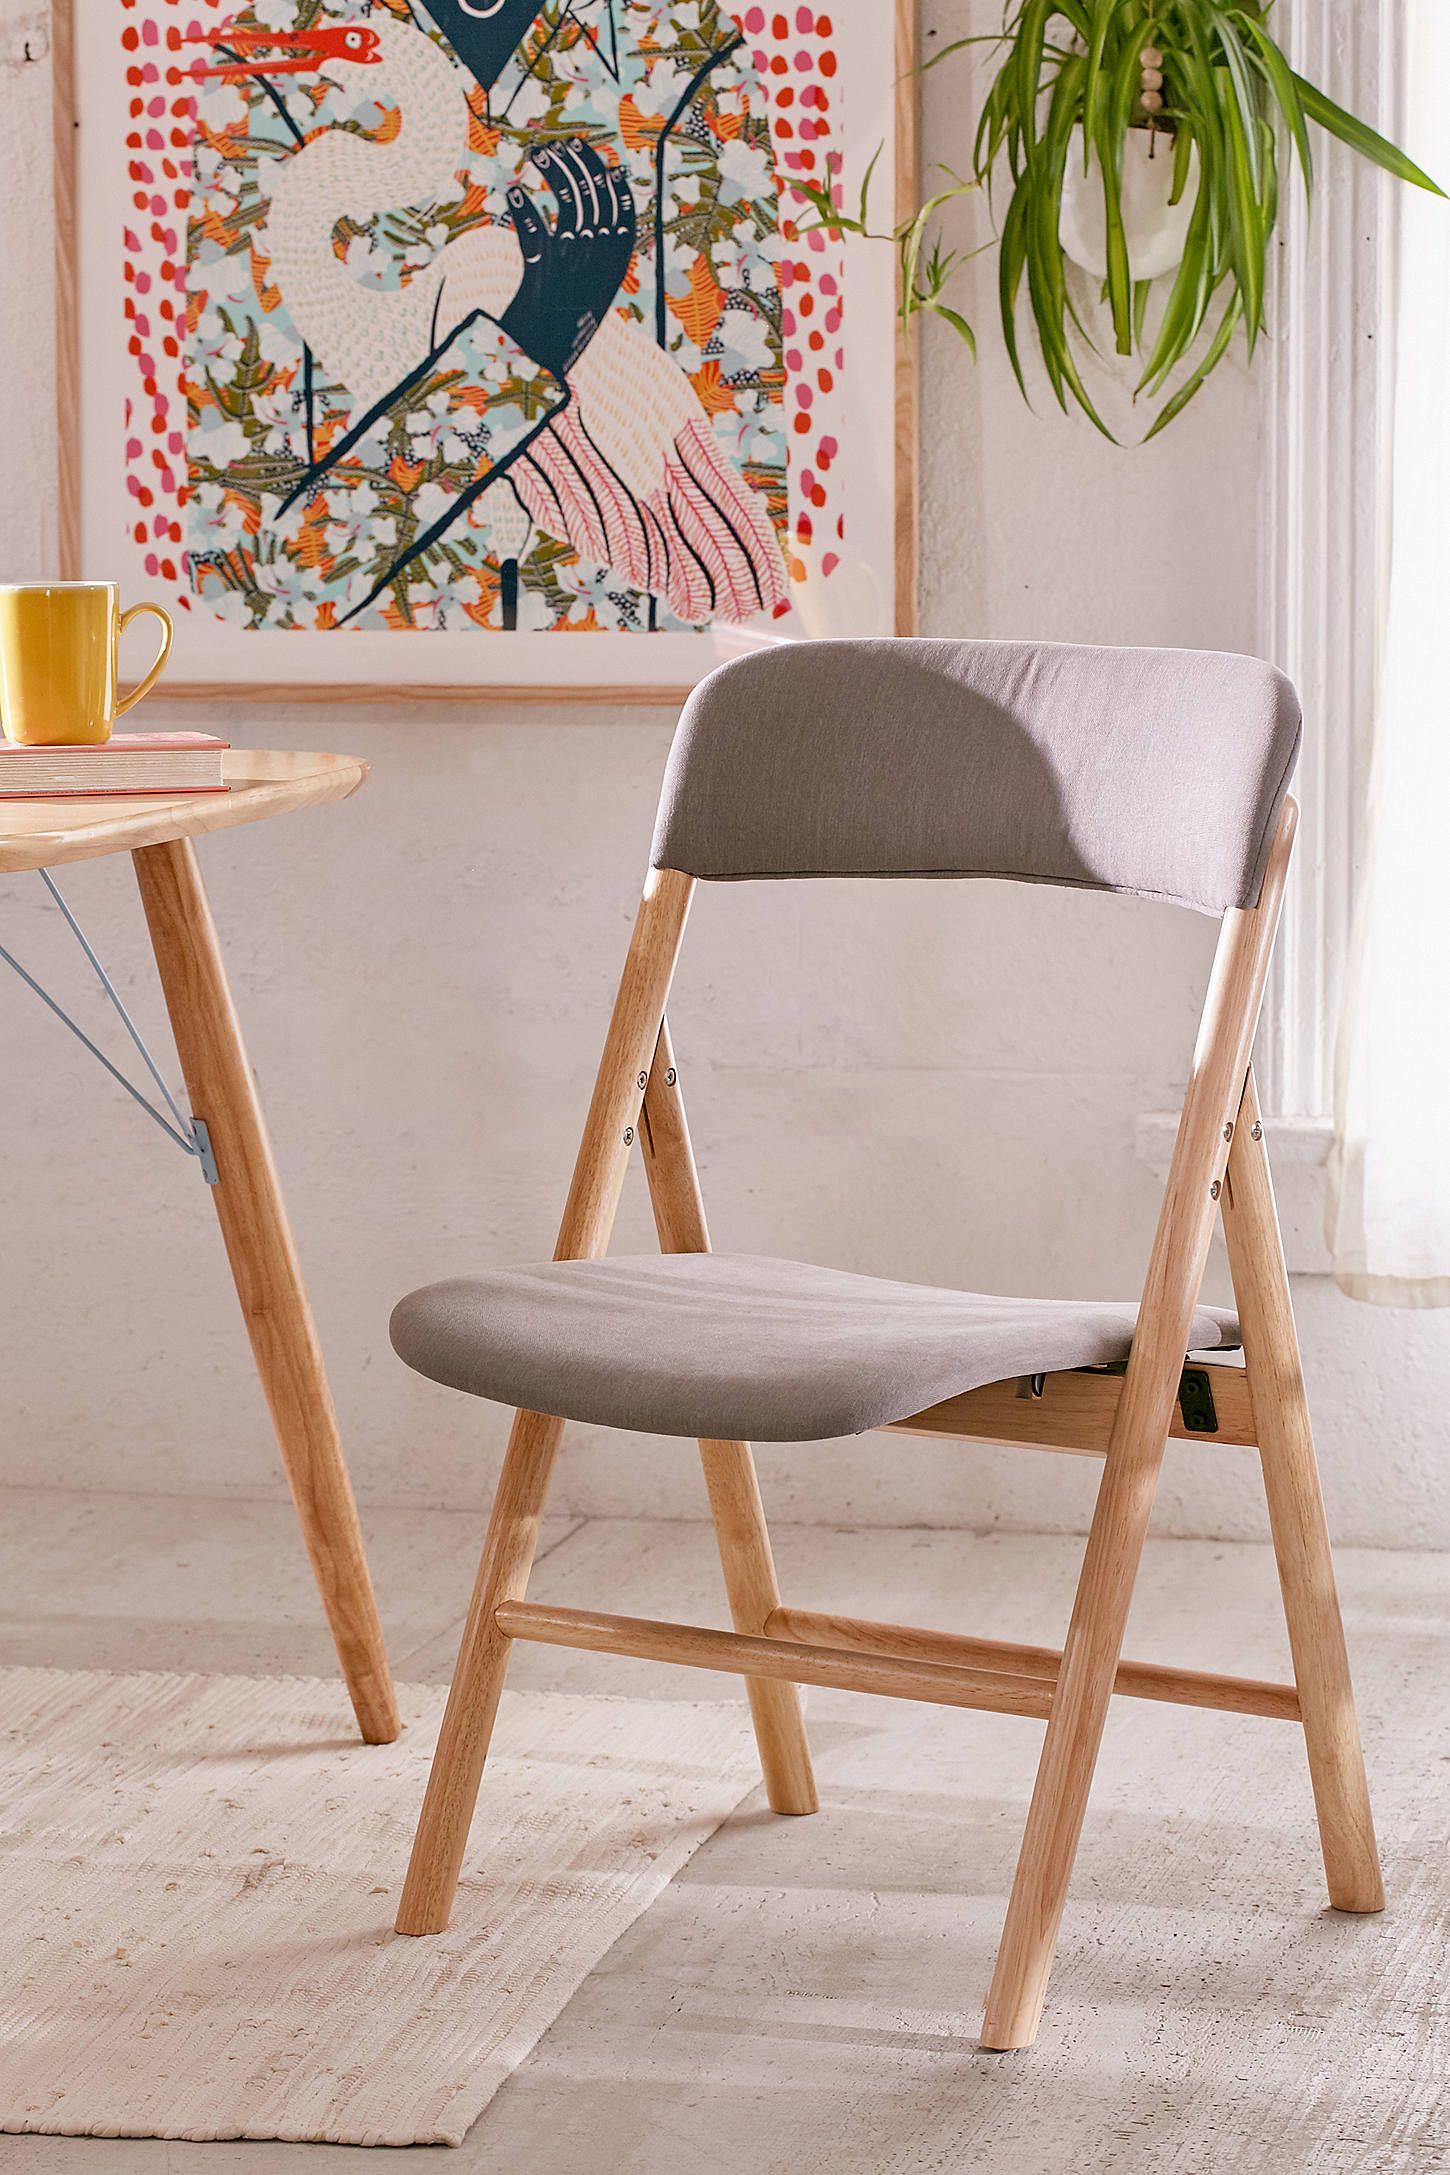 Mikke Upholstered Folding Chair